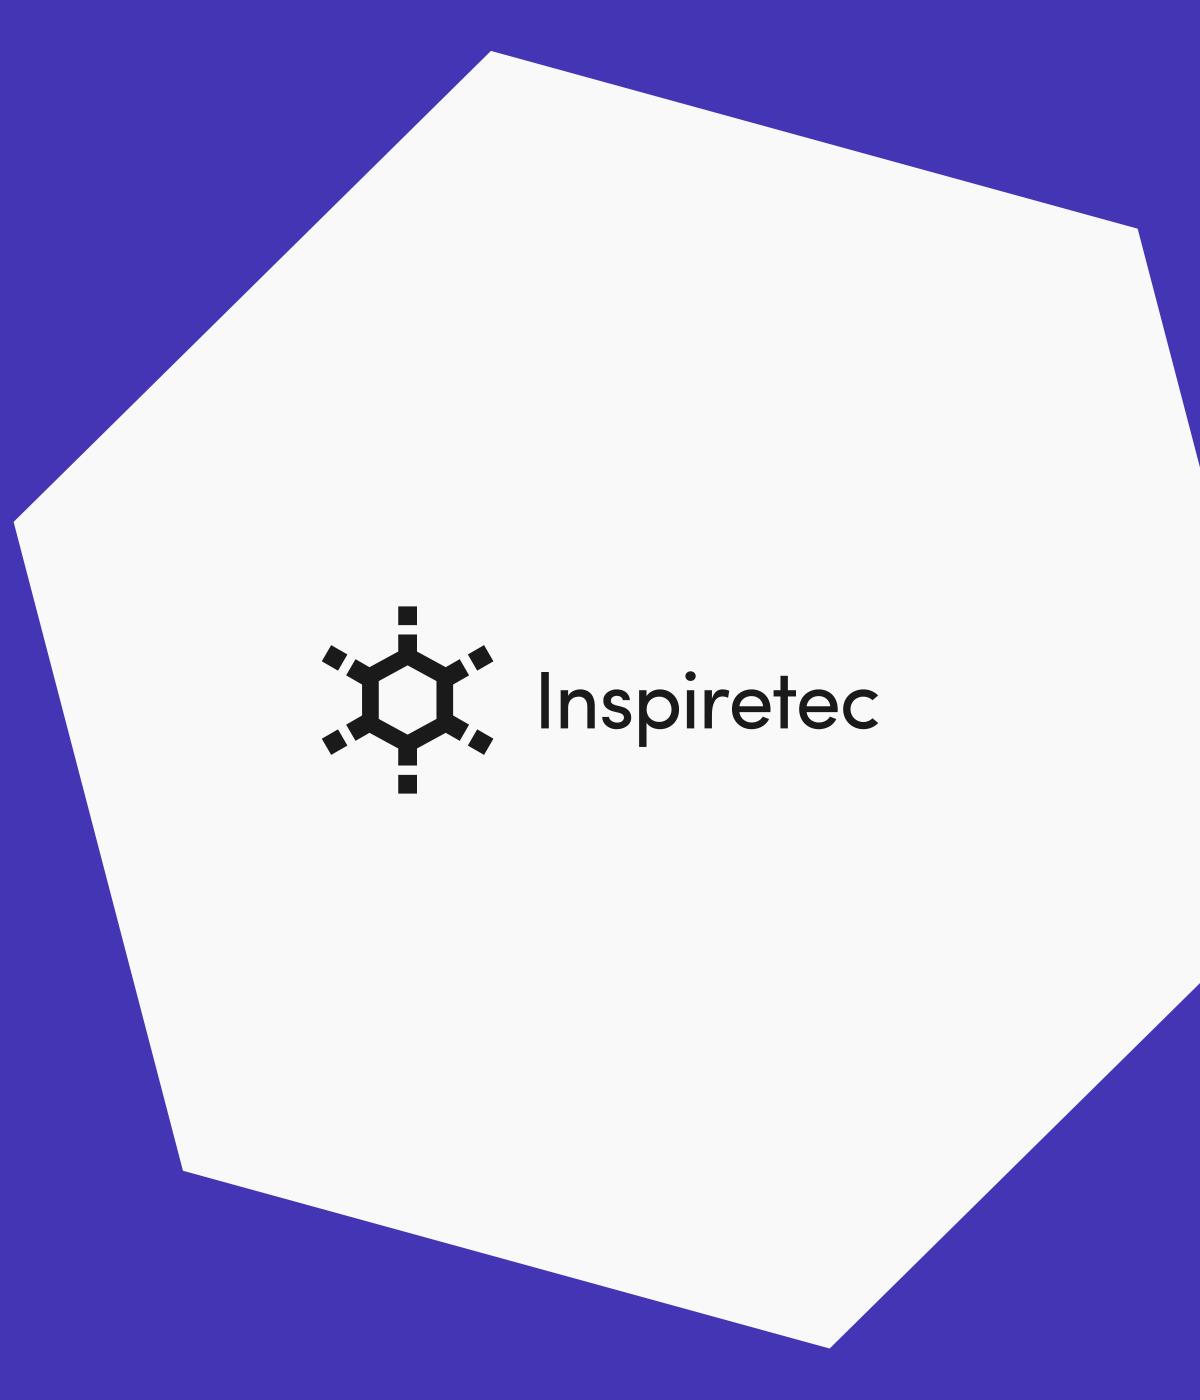 Inspiretec